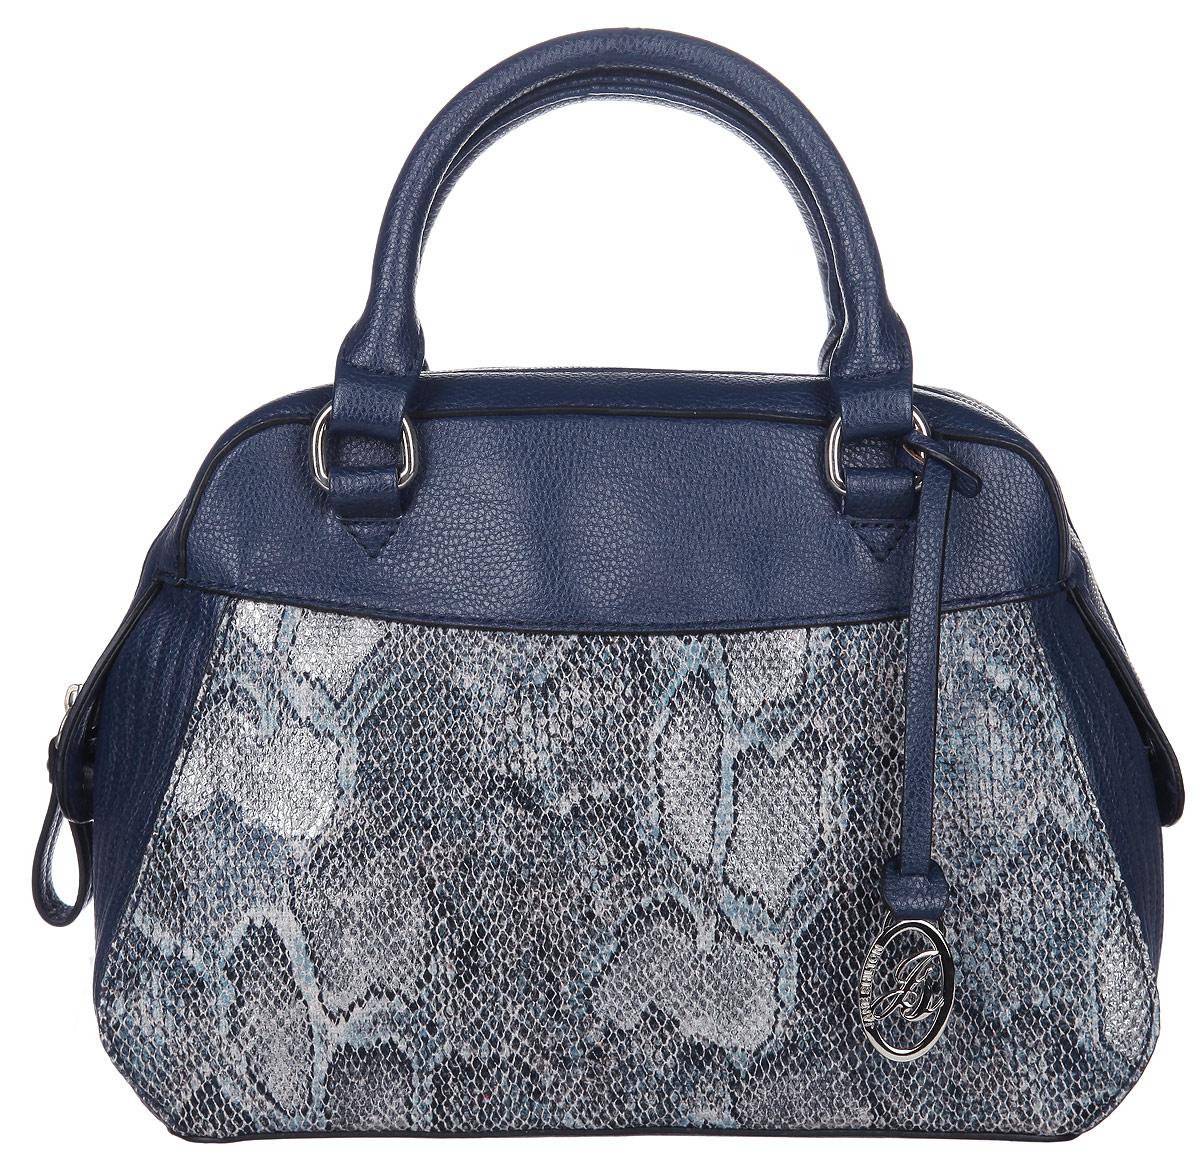 Сумка женская Jane Shilton, цвет: синий, серый. 206023008Стильная женская сумка Jane Shilton, выполненная из искусственной кожи, дополнена вставками из искусственной кожи под рептилию. Изделие имеет одно основное отделение, закрывающееся на застежку-молнию. Внутри находятся прорезной карман на застежке-молнии и накладной открытый карман. Модель оснащена двумя удобными ручками и дополнена фирменным брелоком. В комплект входит съемный плечевой ремень. Роскошная сумка внесет элегантные нотки в ваш образ и подчеркнет ваше отменное чувство стиля.